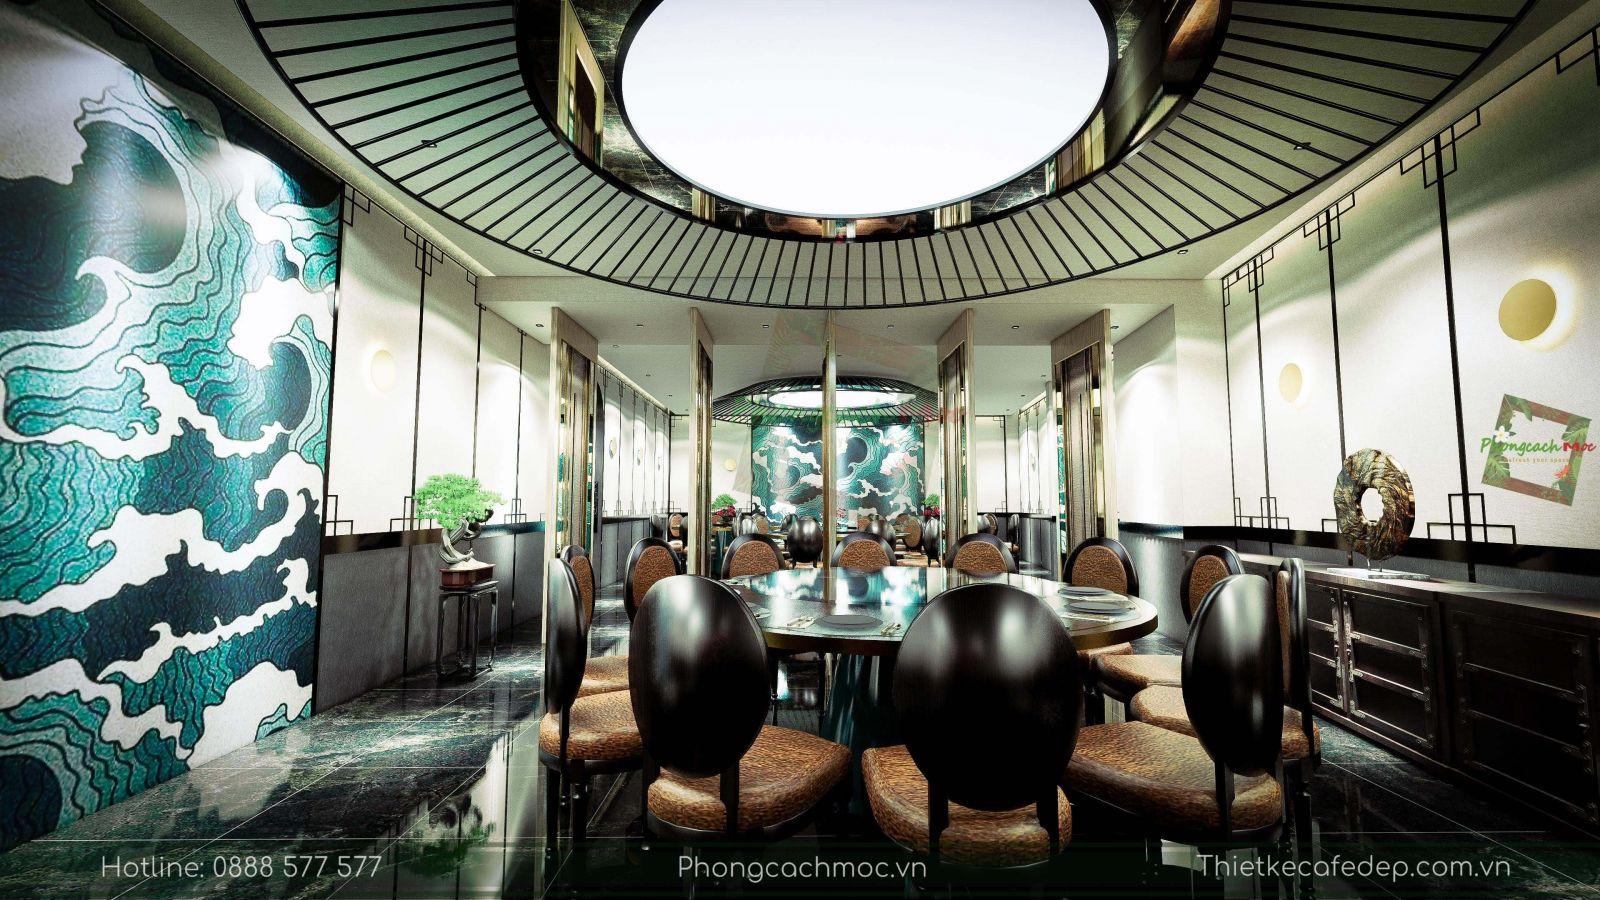 thiết kế nhà hàng trung hoa - nội thất phòng vip 1